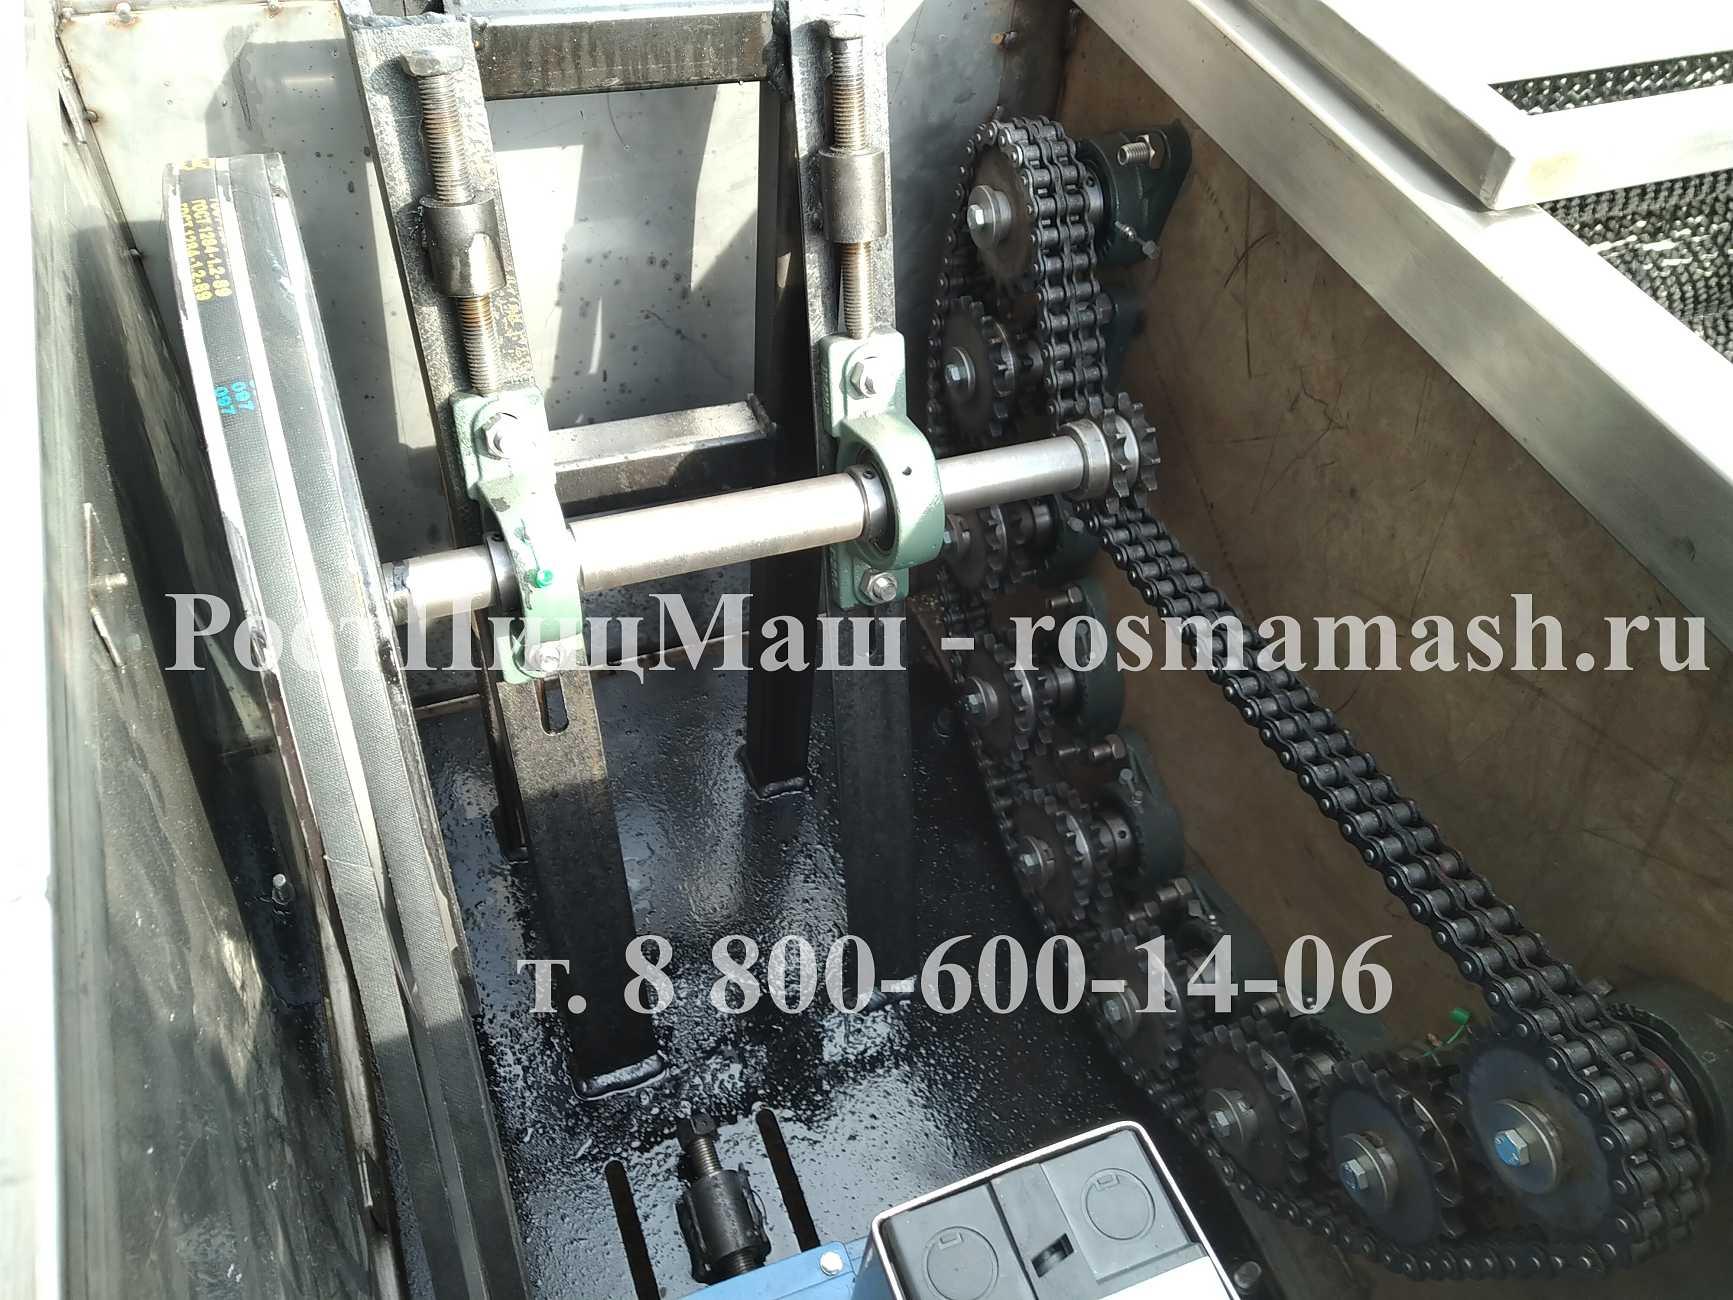 Машина для полировки и мойки корнеплодов РПМ-МЧ-1000